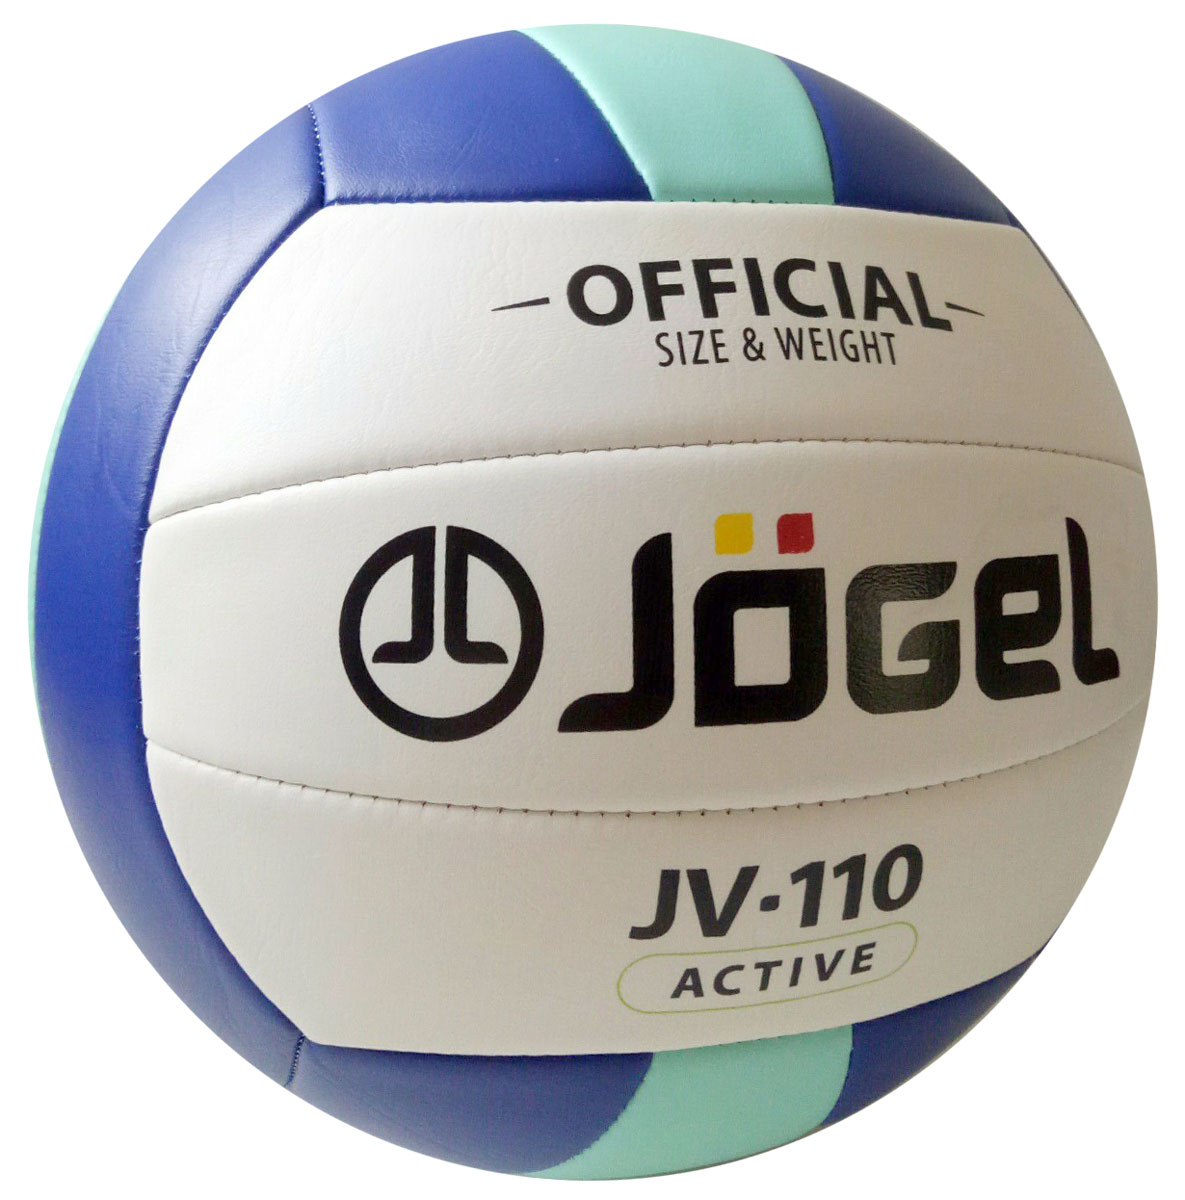 Мяч волейбольный Jogel, цвет: синий, мятный. Размер 5. JV-110120335_red/whiteНазвание:Мяч волейбольный Jgel JV-110Уровень:Любительский мячСерия: ACTIVEОписание:Jogel JV-110 любительский мяч для классического волейбола и активного отдыха в модной сине-мятно-белой расцветке. Данная модель является лидером продаж в своей ценовой категории, благодаря недорогой стоимости, неприхотливости к игровым покрытиям и приятным тактильным ощущениям. Поверхность мяча выполнена из мягкой синтетической кожи (поливинилхлорид), что позволяет избежать синяков и ушибах на руках, даже при сильных ударах. Мяч состоит из 18-ти панелей и оснащен бутиловой камерой. Данный мяч прекрасно подходит для поставок на гос. тендеры, образовательные учреждения и спортивные секции. Официальный размер и вес FIBV.Рекомендованные покрытия: Паркет, песок, резина, гаревые поля, бетонМатериал покрышки:Синтетическая кожа (поливинилхлорид)Материал камеры:БутилТип соединения панелей:Машинная сшивкаКоличество панелей:18Размер:5Вес:260-280 гр.Длина окружности: 65-67 смРекомендованное давление: 0.29-0.32 барКоличество в коробке: 50 шт.Основной цвет:БелыйДополнительный цвет:Синий, мятныйБренд: JogelСтрана бренда:ГерманияПроизводство:КНР